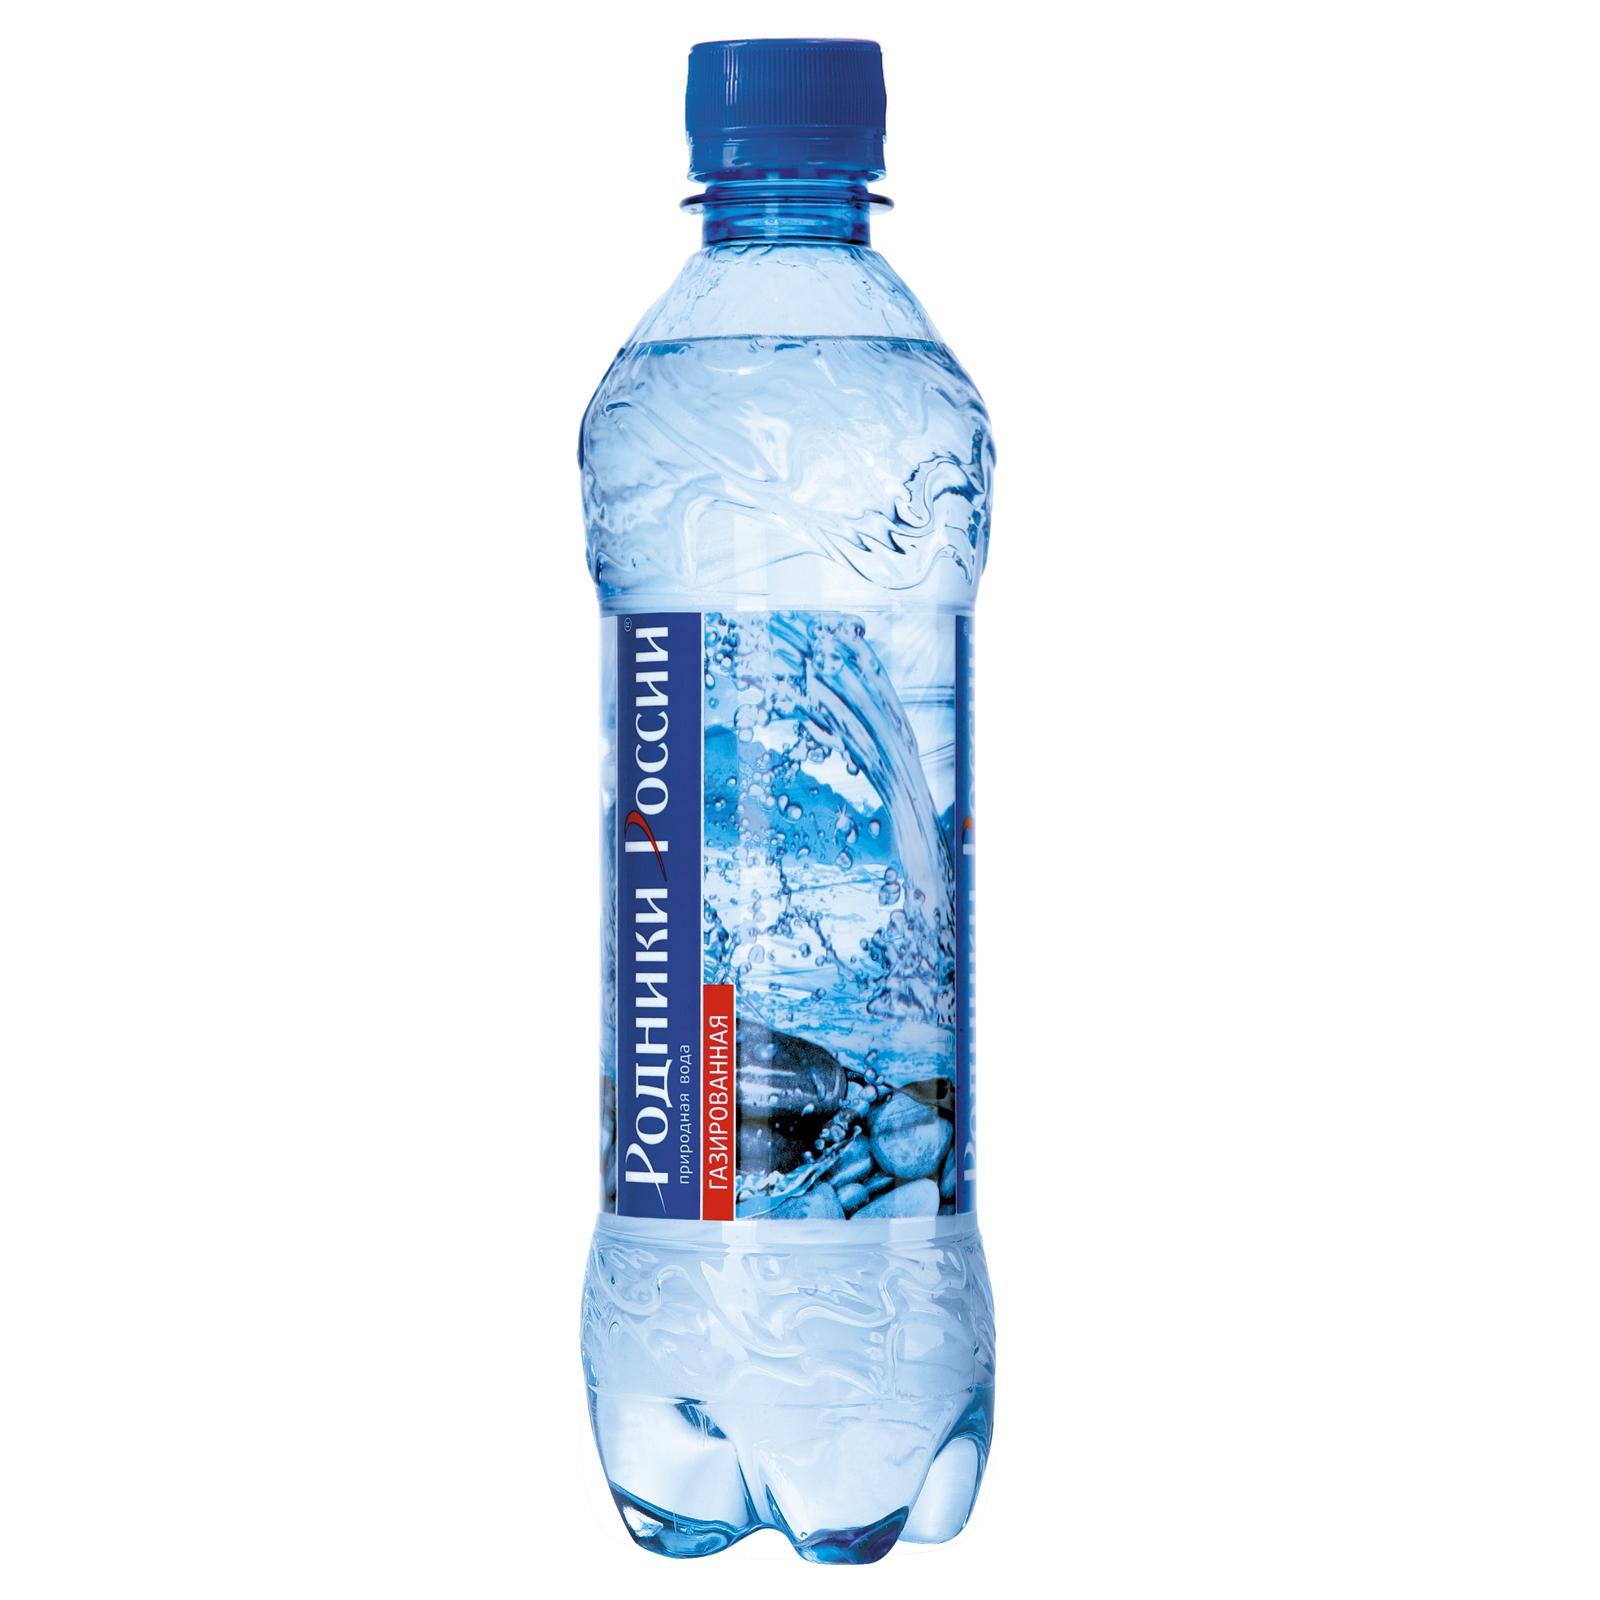 Вода минеральная Родники России 1,5 л Газированная